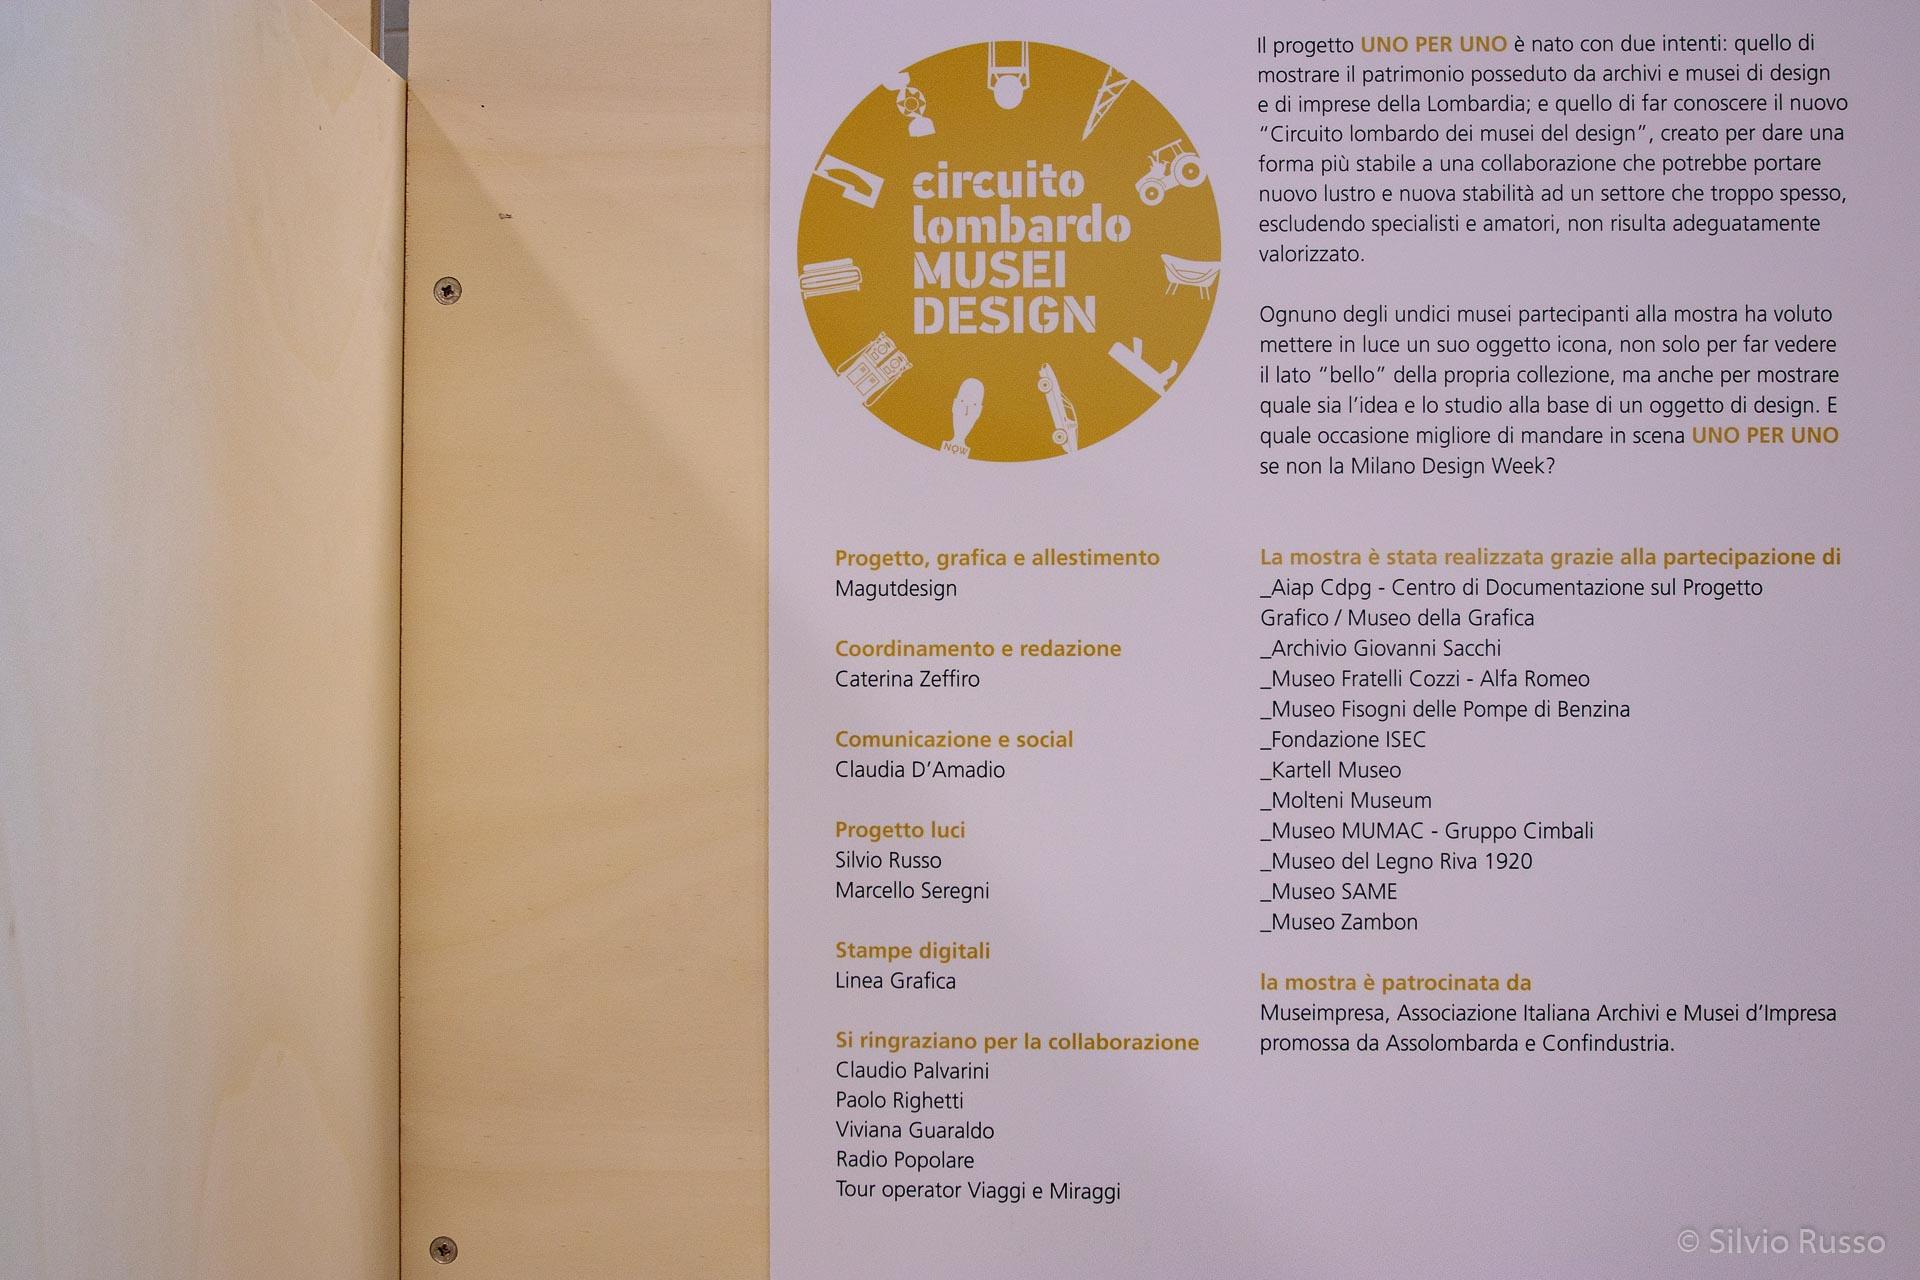 UNO PER UNO mostra Circuito lombardo Musei Design, 16-21 aprile 2018, Spazio MIL, Sesto San Giovanni - Milano Città Metropolitana